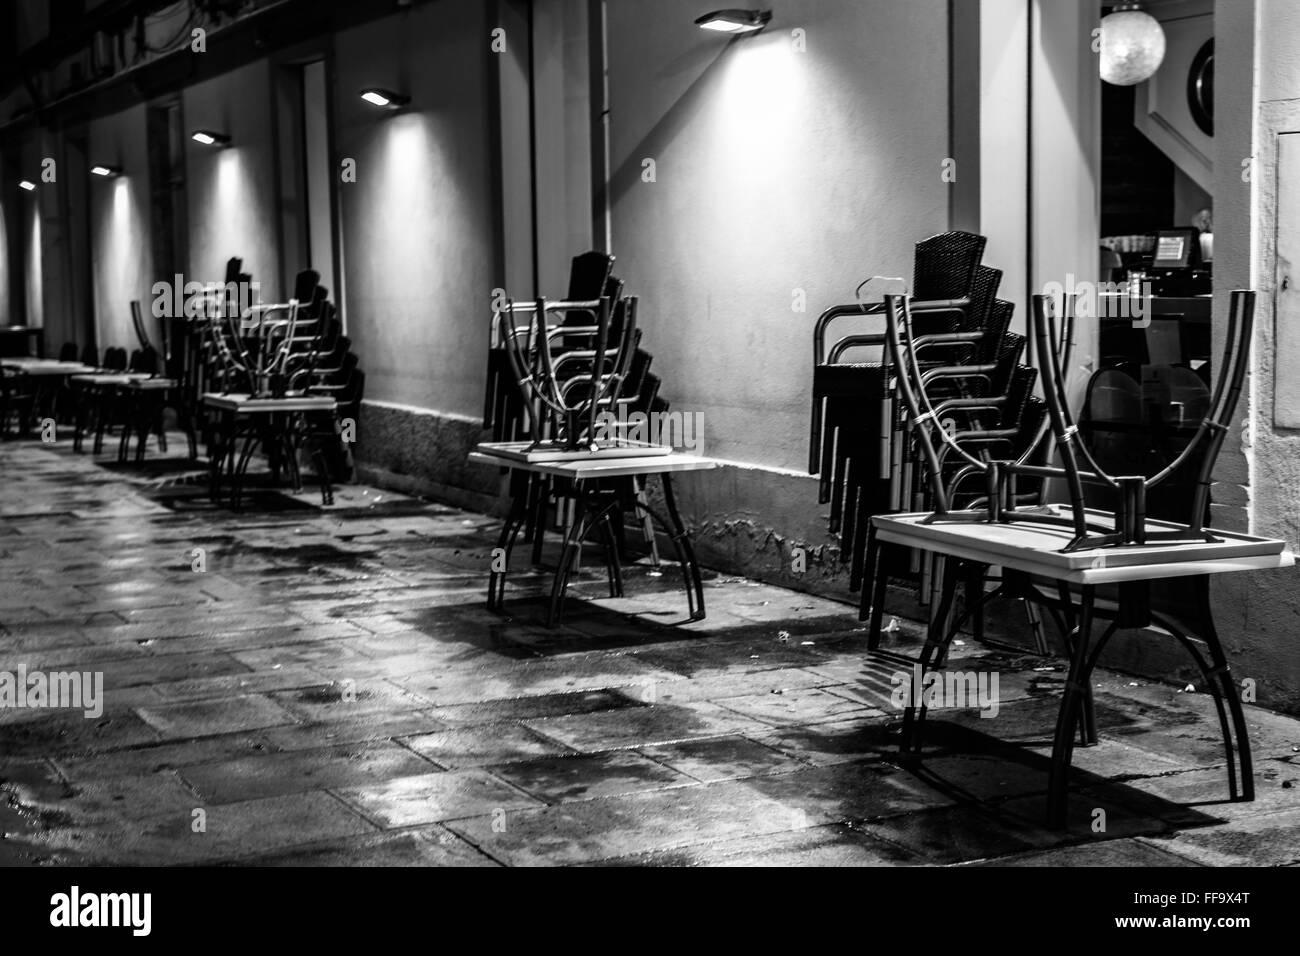 Avis de Café Bar Tables et chaises à l'extérieur du bâtiment Banque D'Images